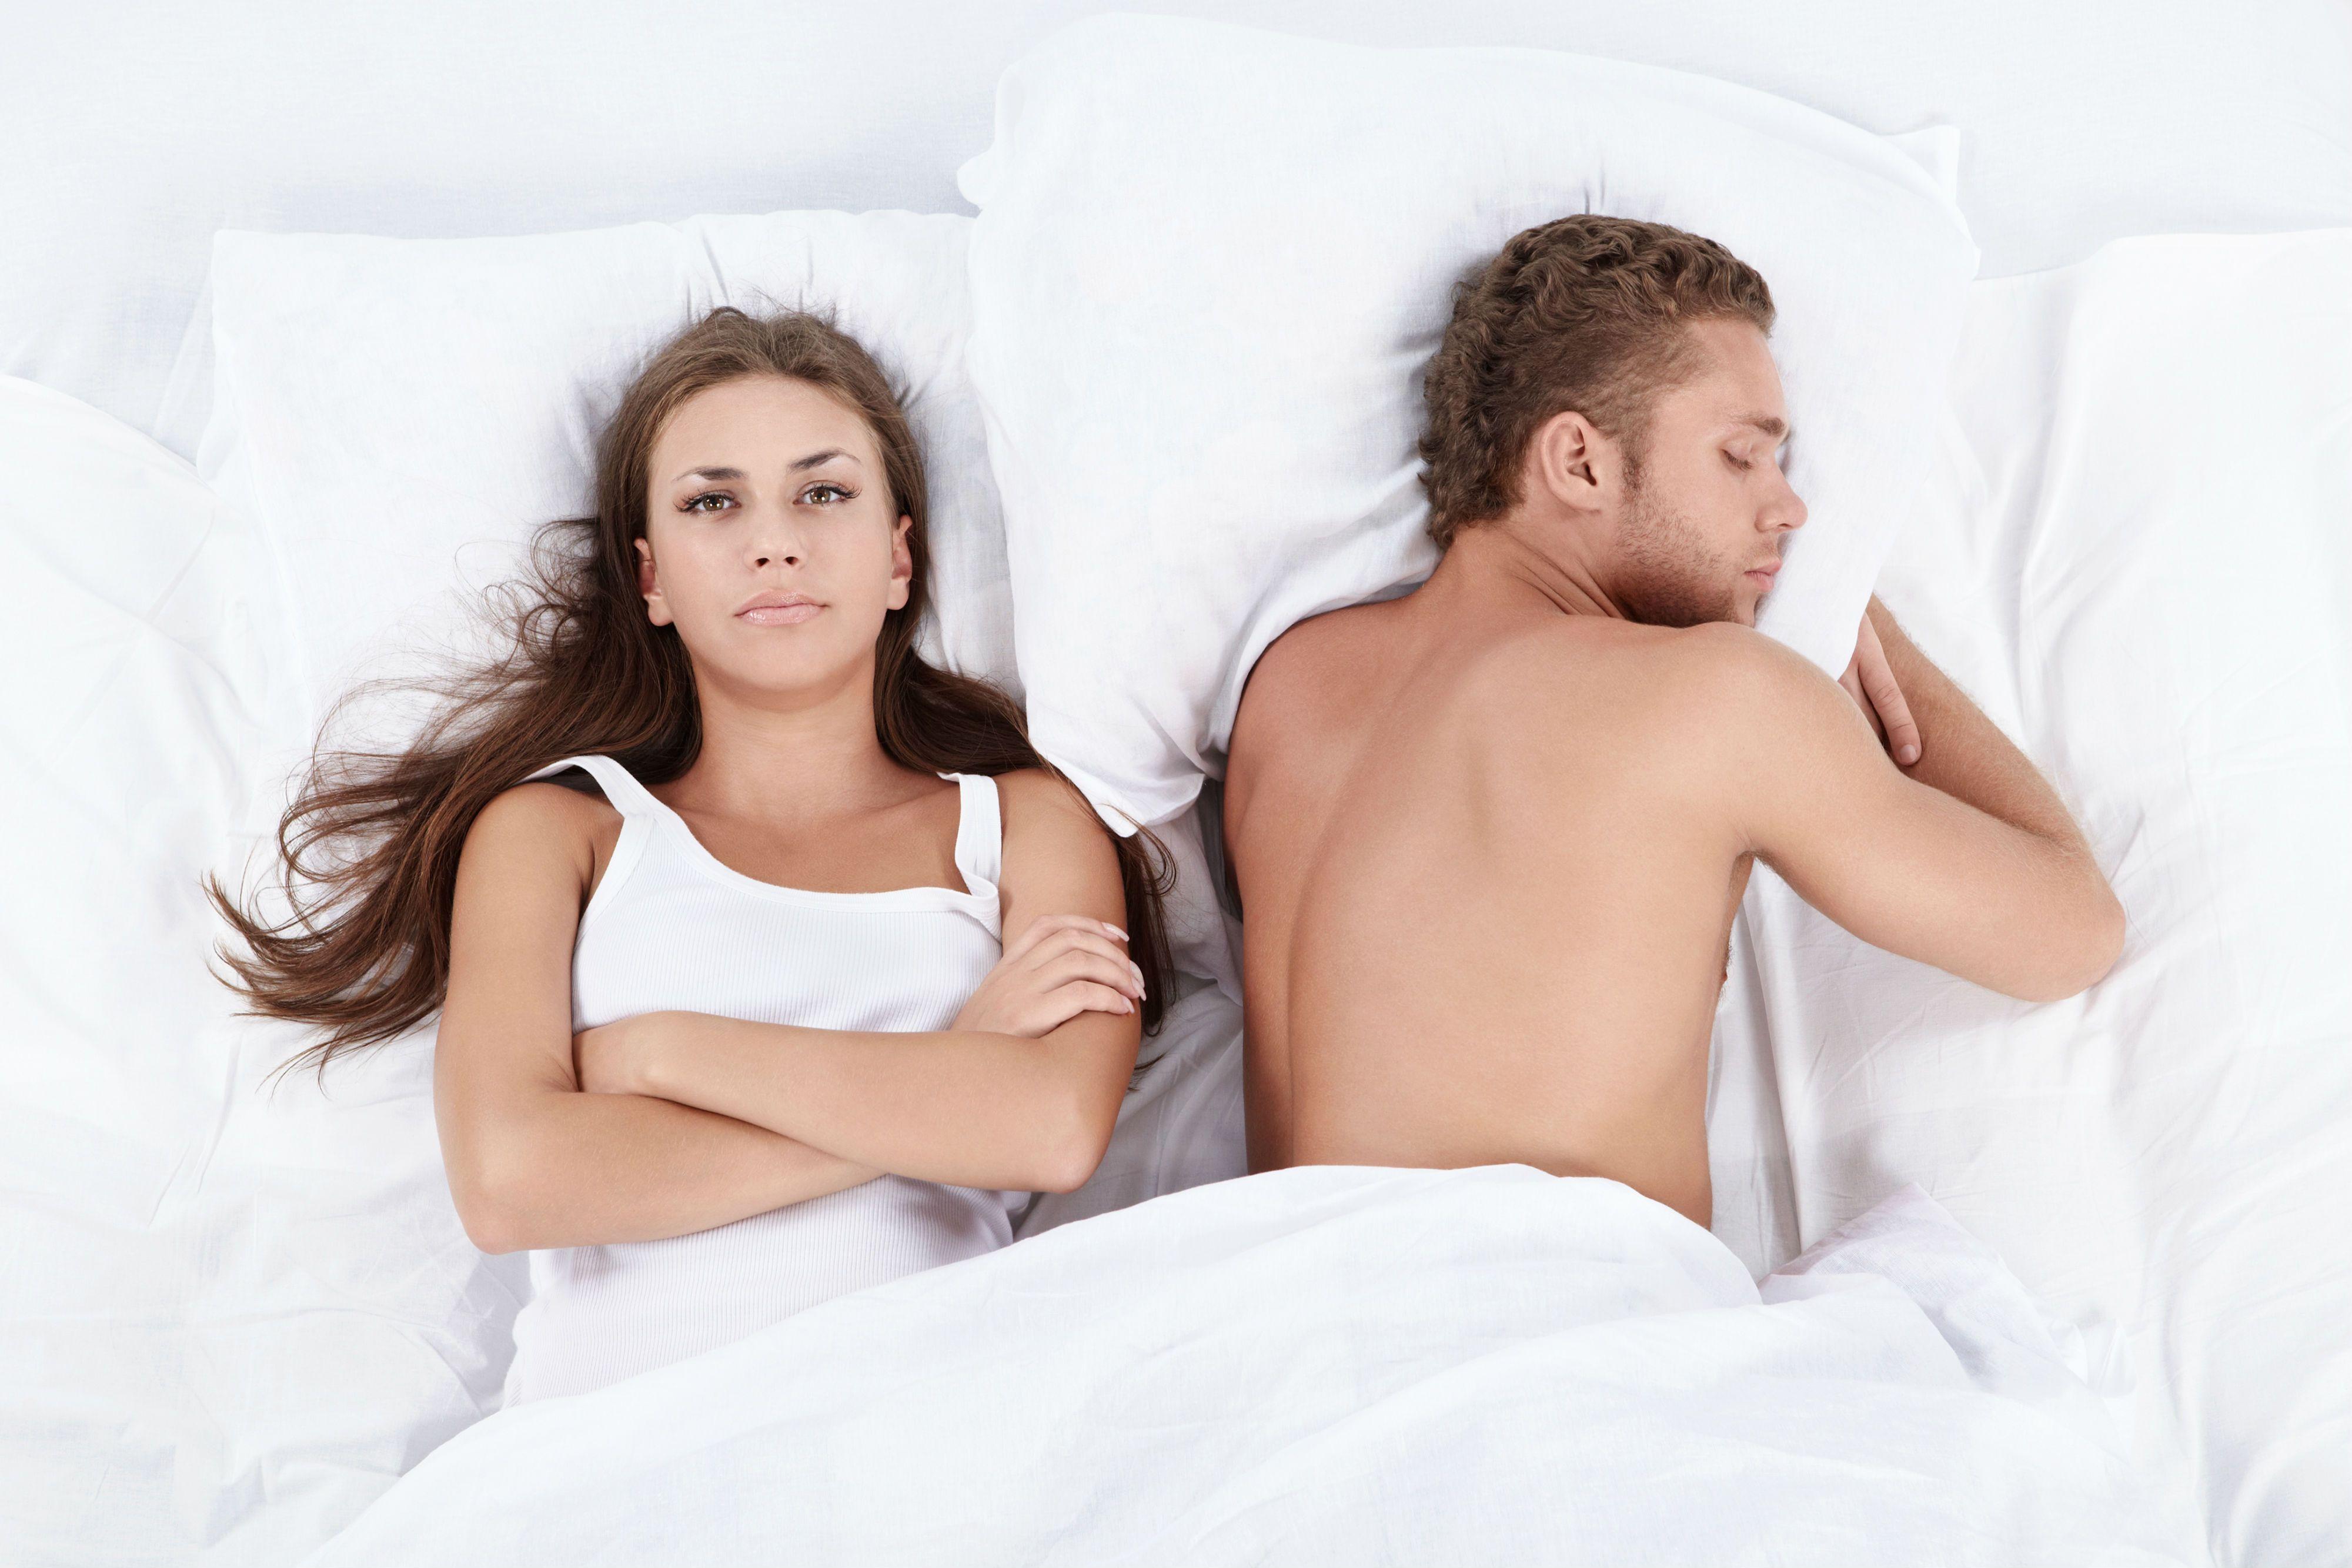 Сексуальная техника в браке 8 фотография